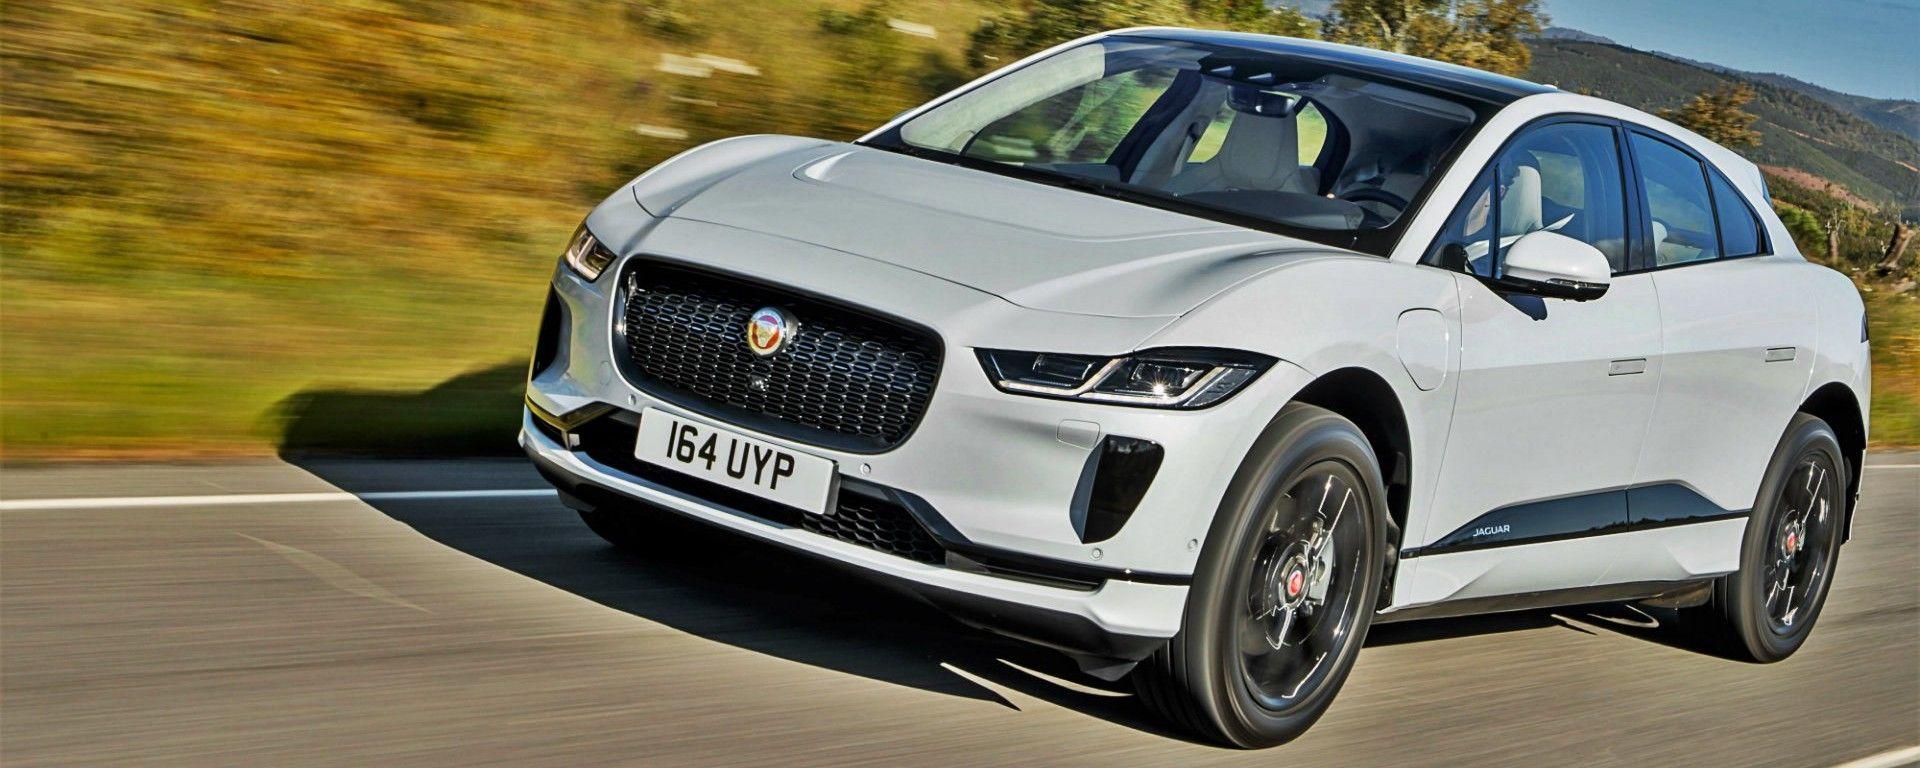 Jaguar I-Pace: la prova su strada del nuovo SUV elettrico [VIDEO]